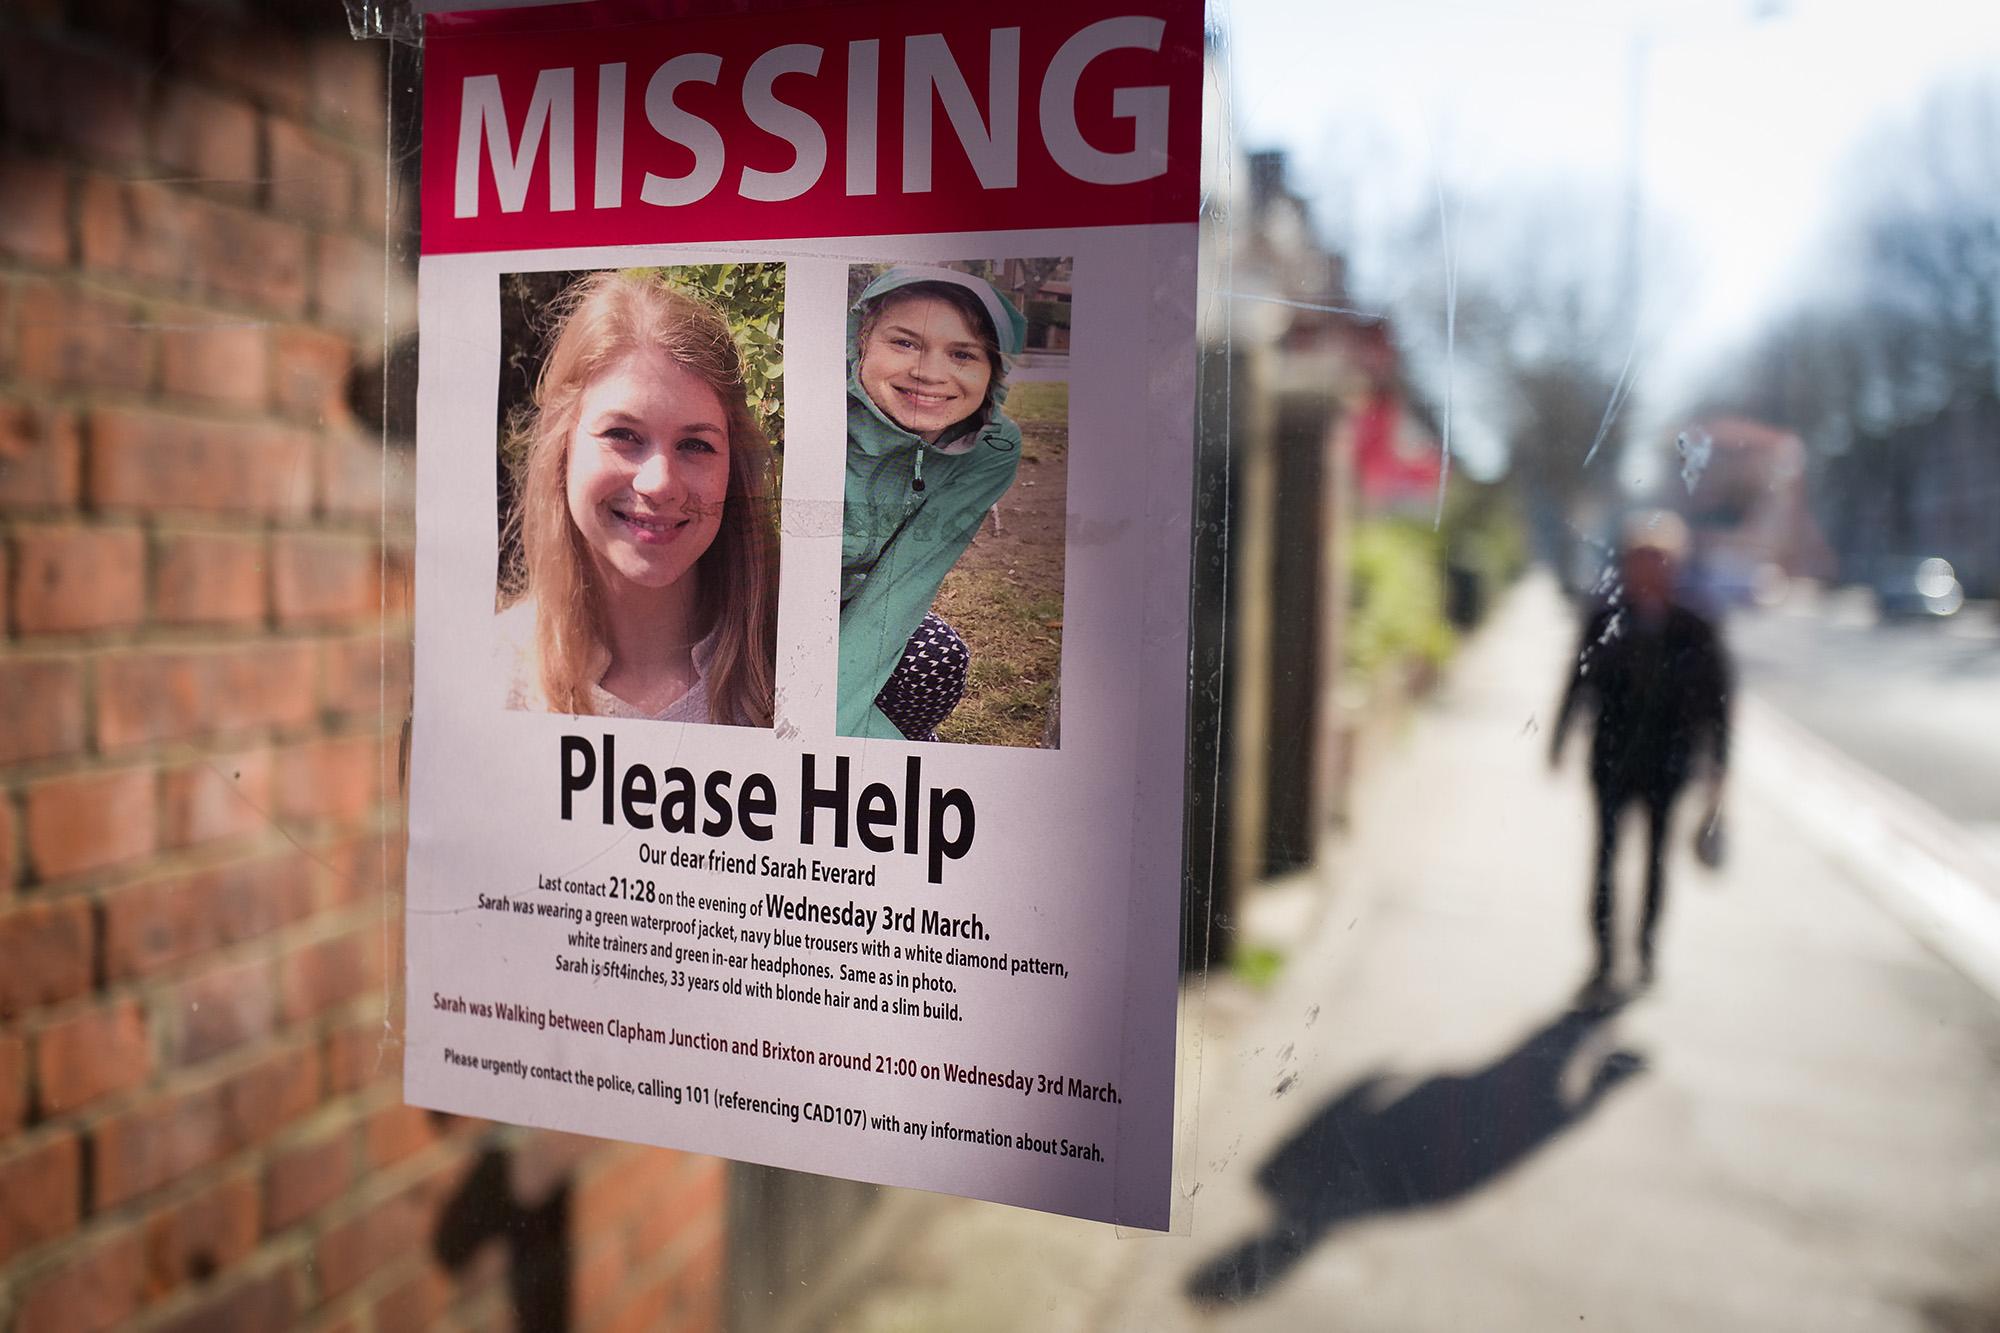 Sarah Everard missing poster